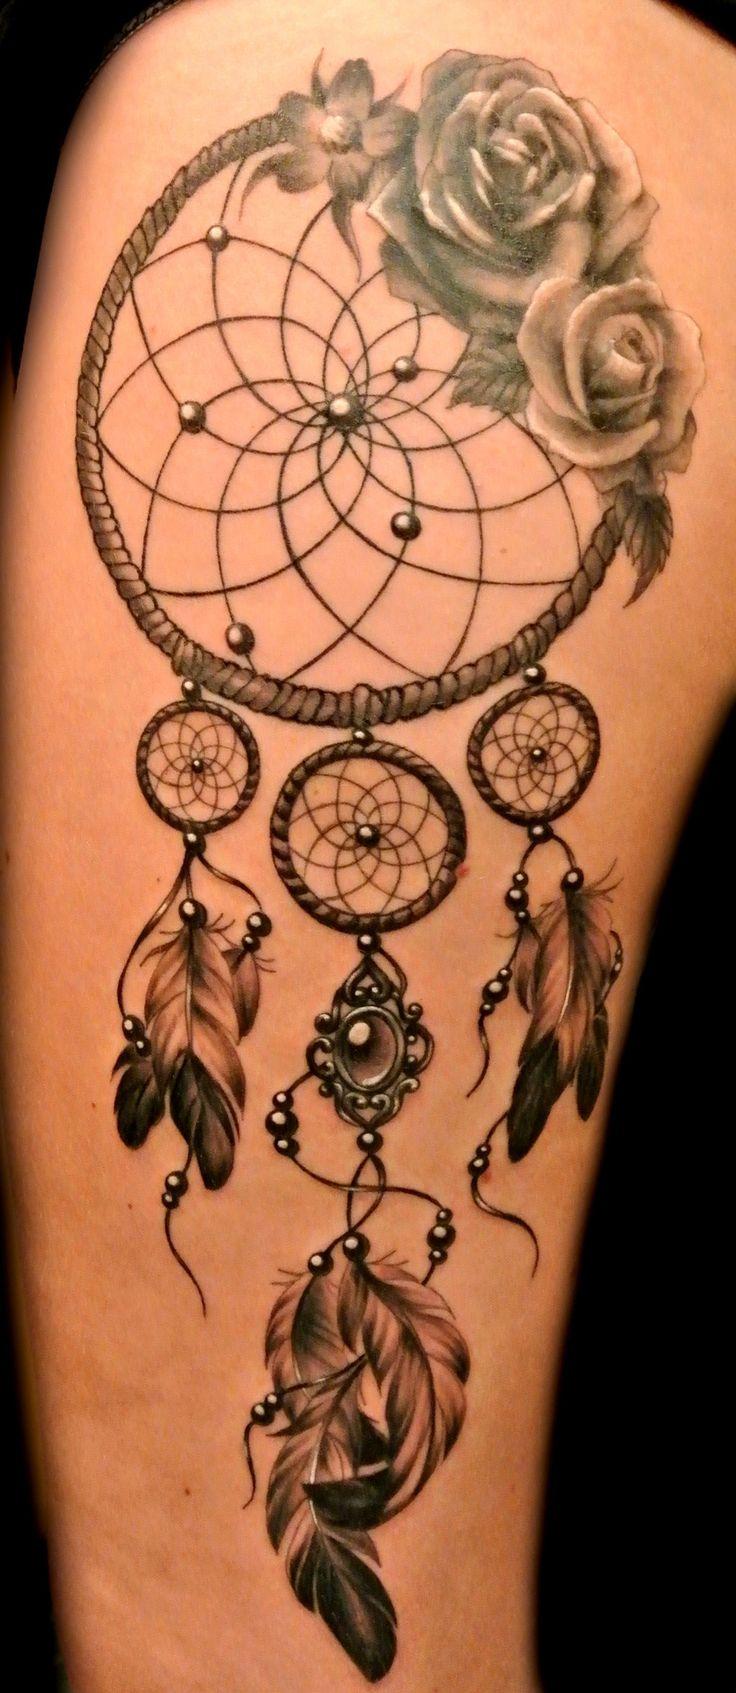 indian dream catcher tattoo